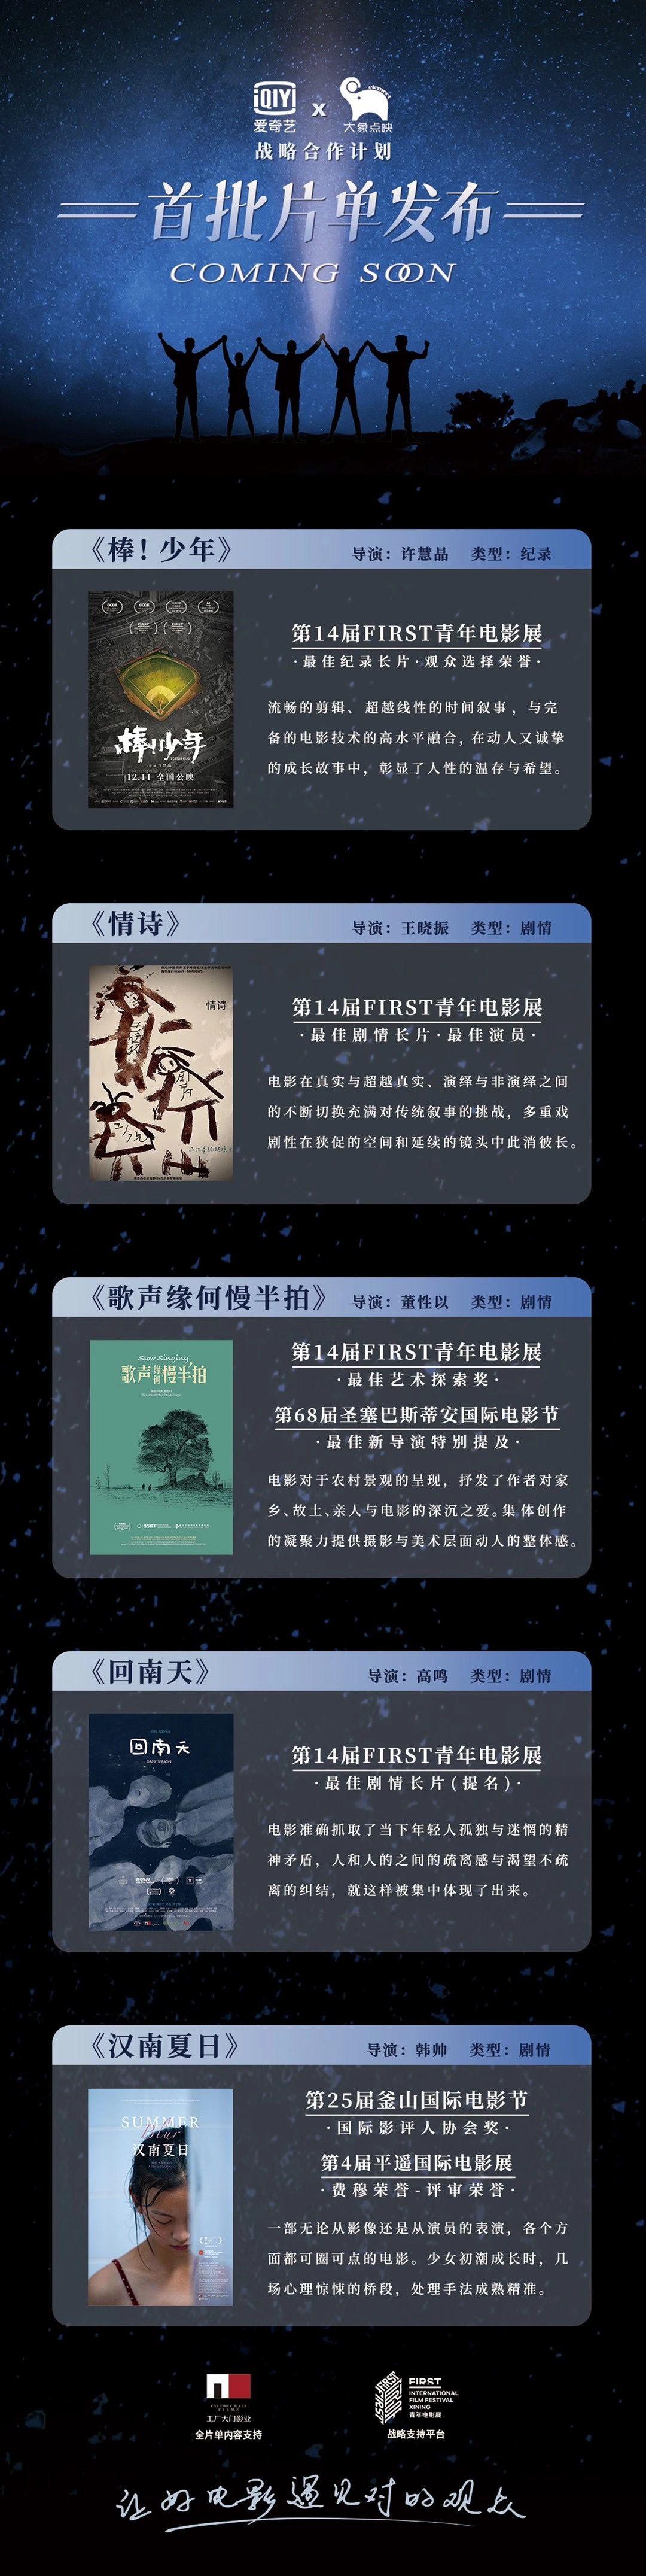 纪录片《棒!少年》定档 曾获FIRST影展最佳纪录片